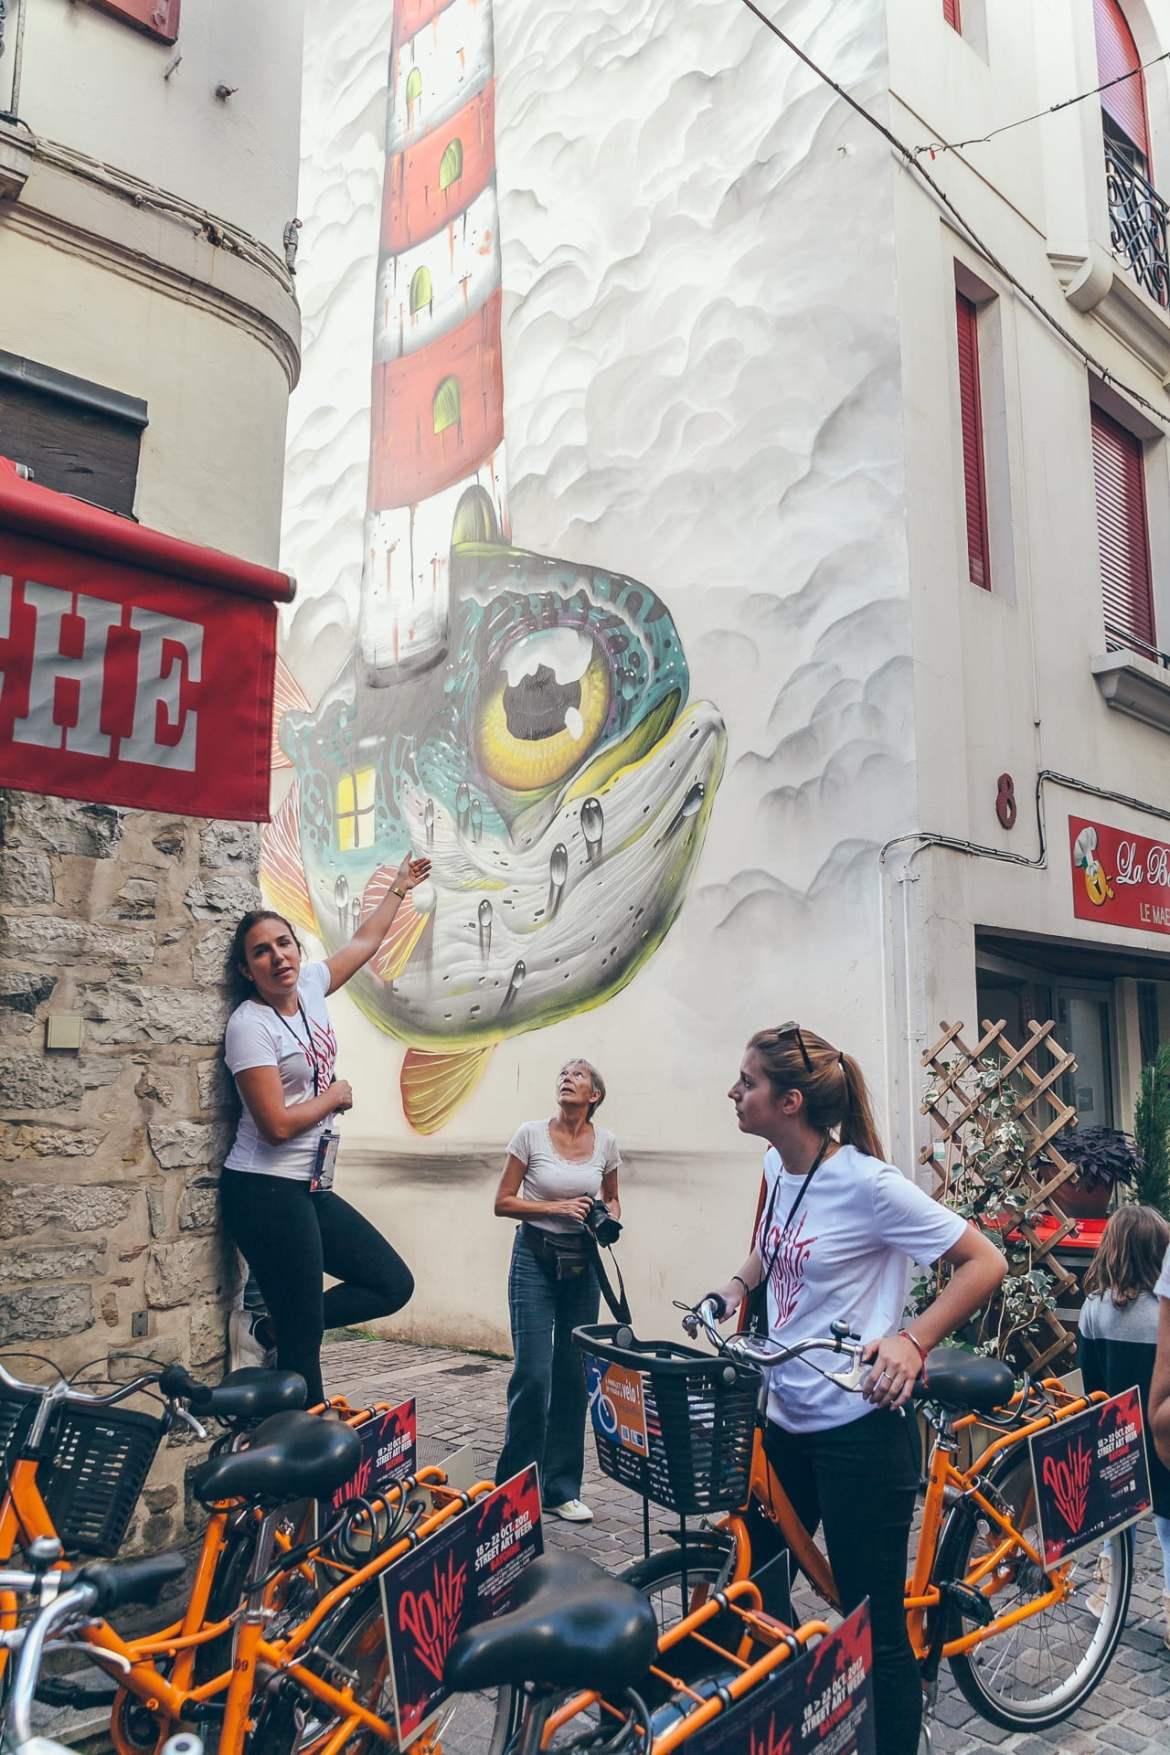 Points-de-vue-festival-2018-bayonne-pays-basque